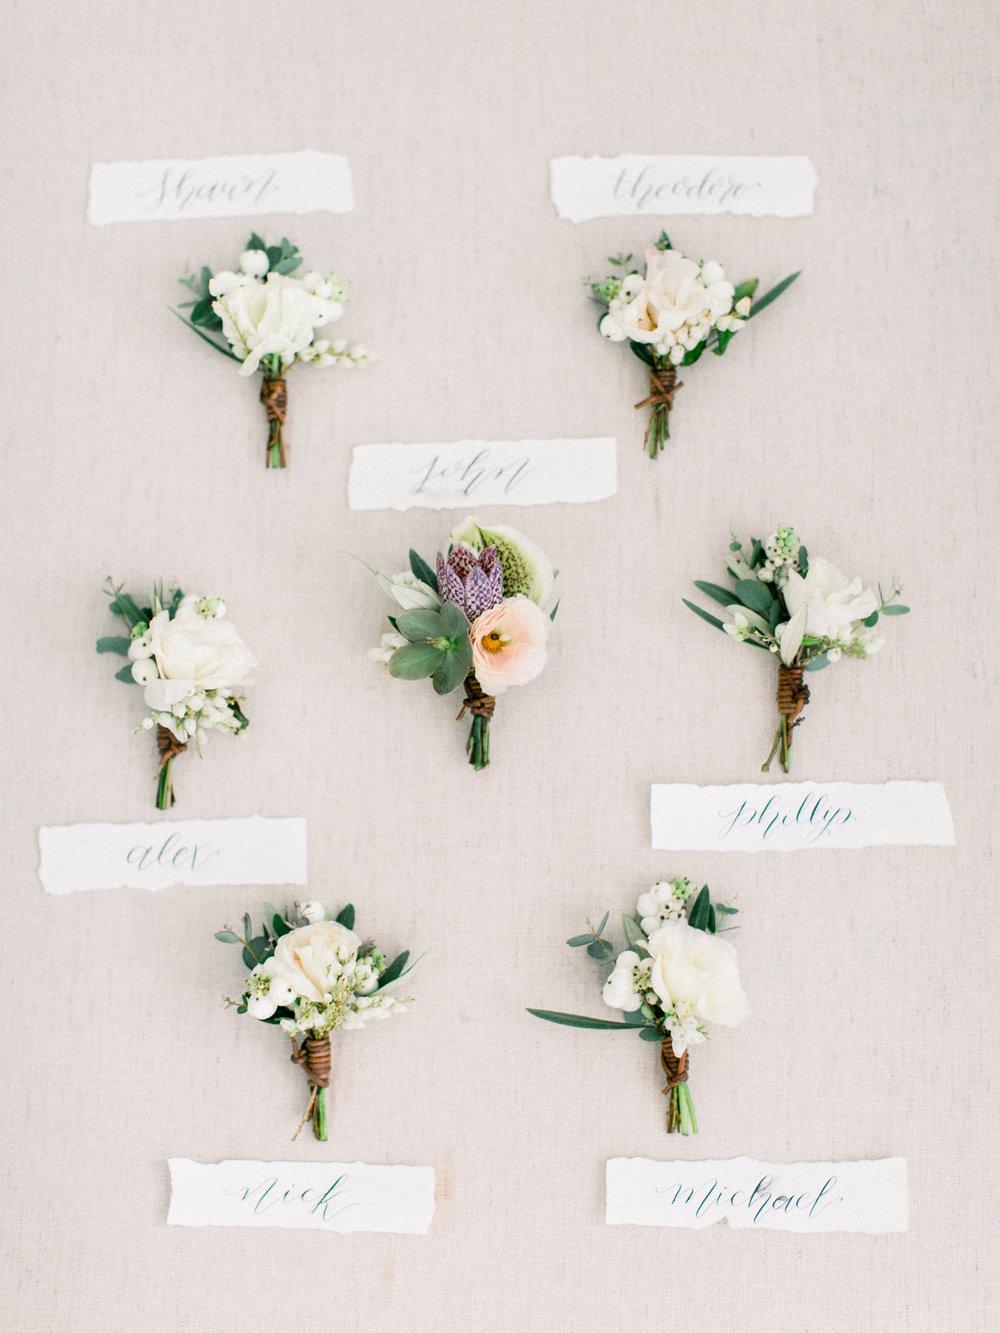 amanda_john_wedding_032318-142.jpg